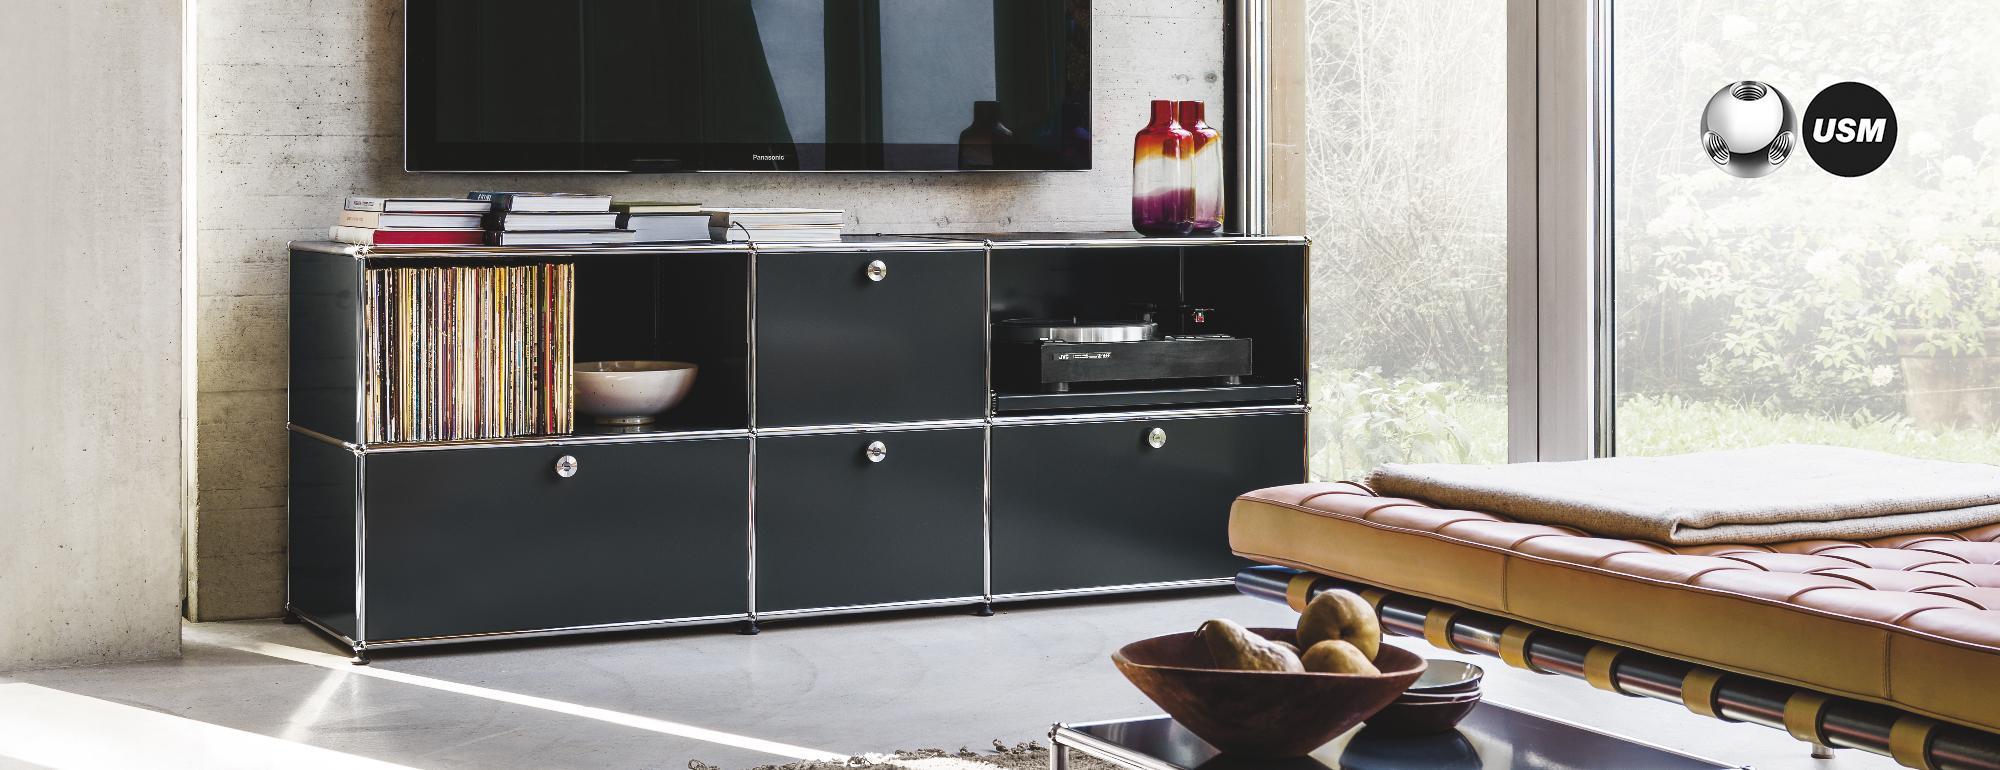 USM Möbel bei WOHN DESIGN konfigurieren